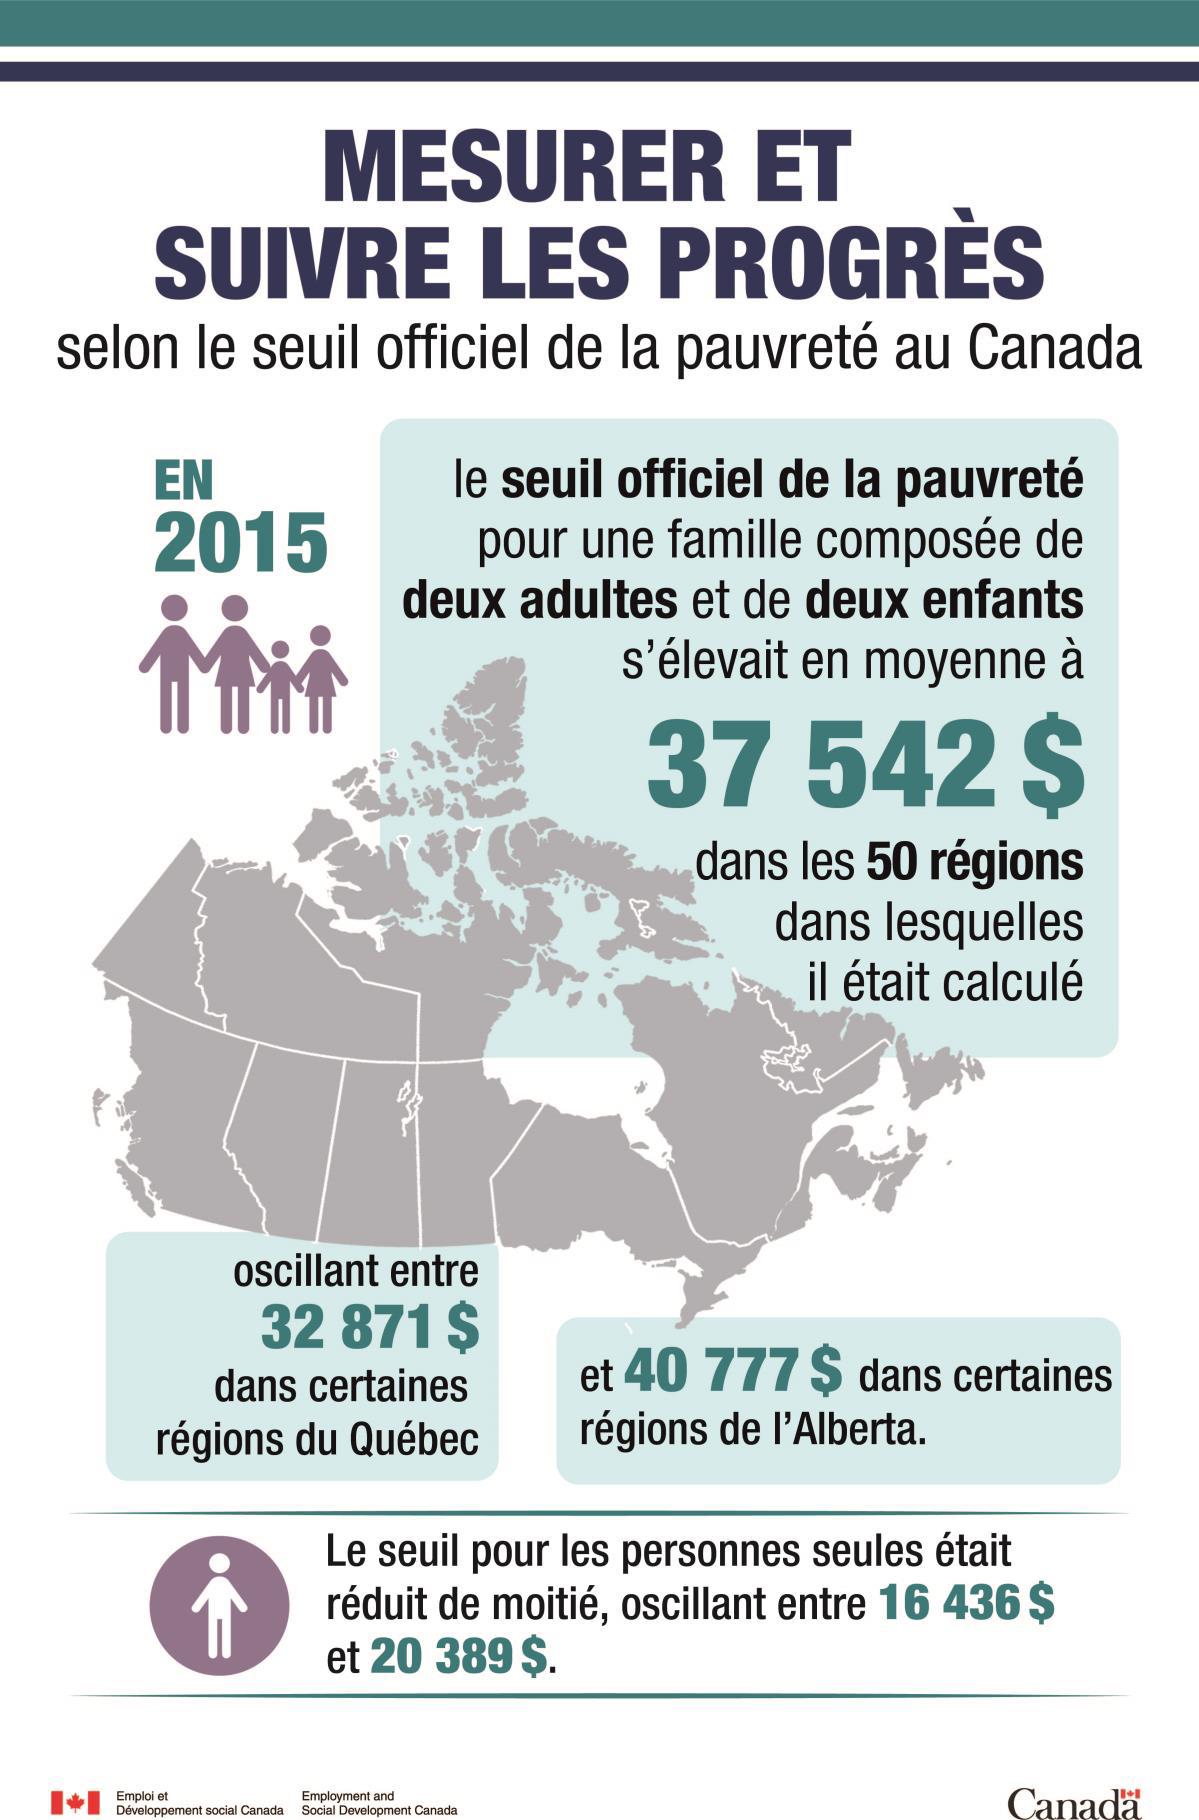 Mesurer et suivre les progrès selon le seuil officiel de la pauvreté au Canada